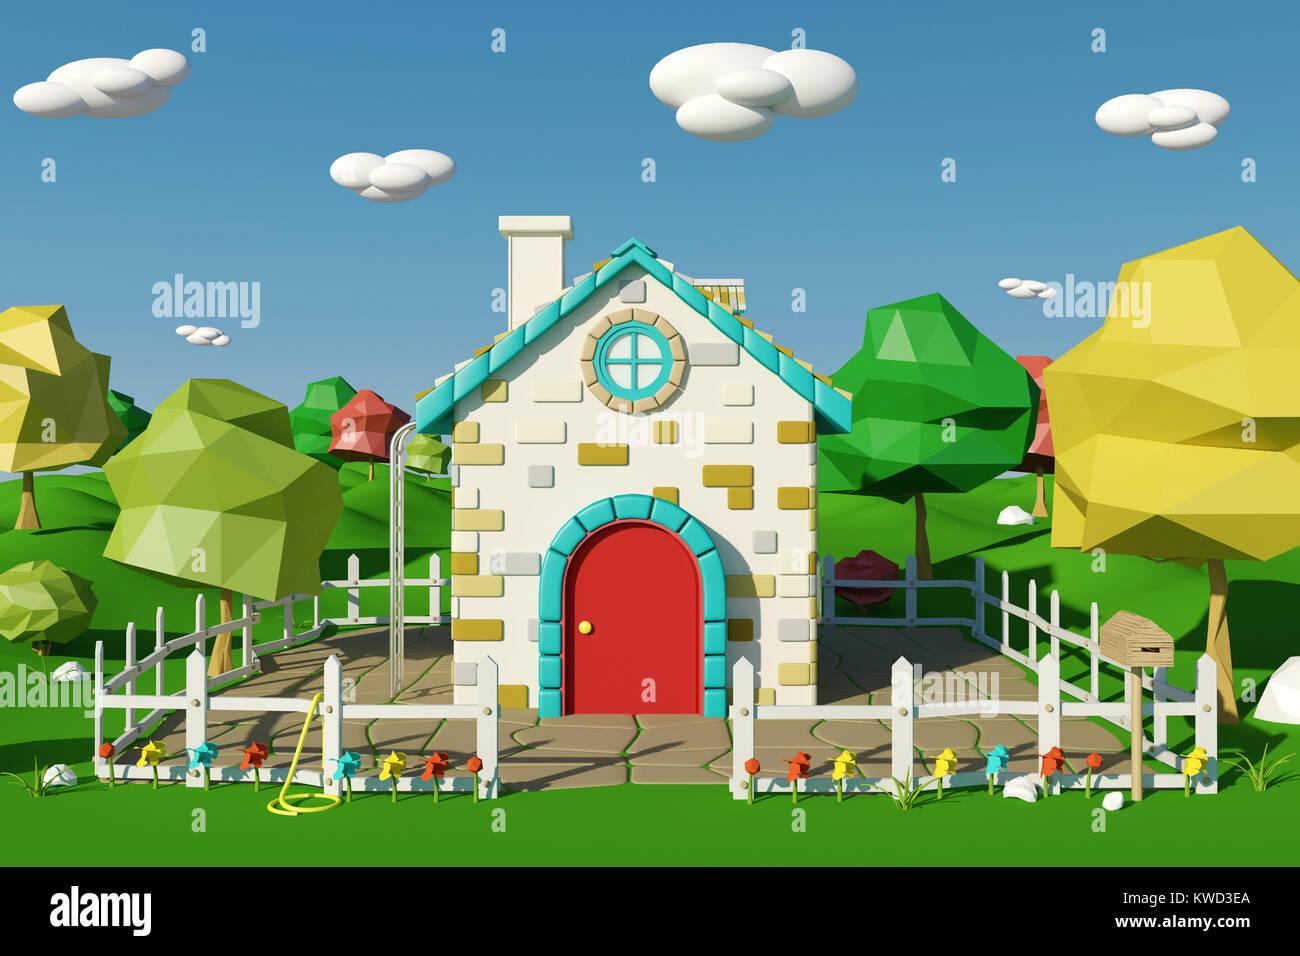 Maison de dessin animé avec campagne au printemps ou en été rendu 3d